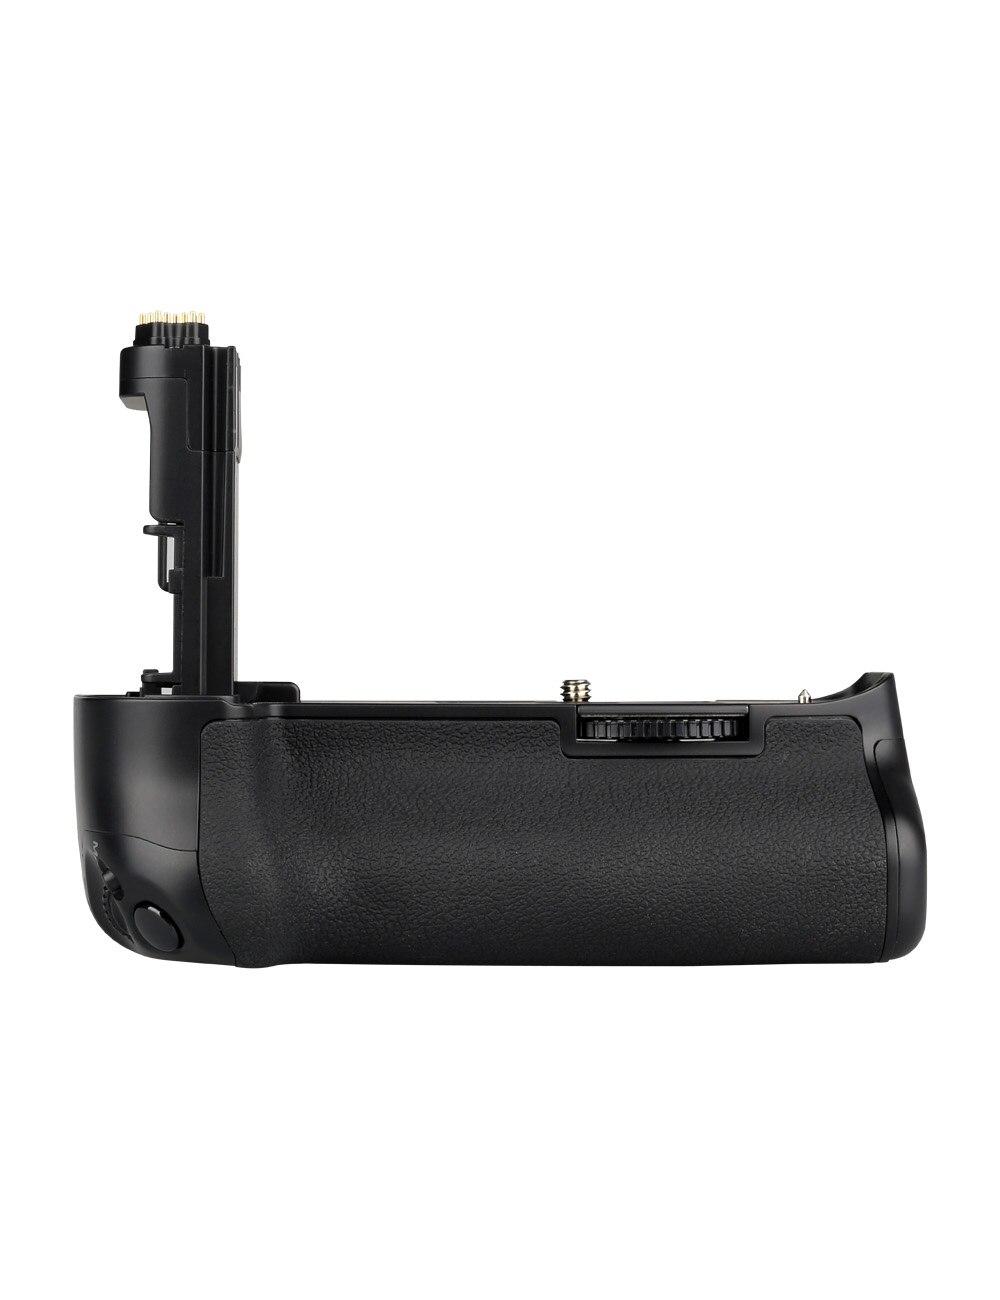 MEKE Meike MK-5DS R poignée de batterie pour EOS Canon 5D Mark III/5Ds/5DS R FSK 2.4G HZ avec LCD sans fil